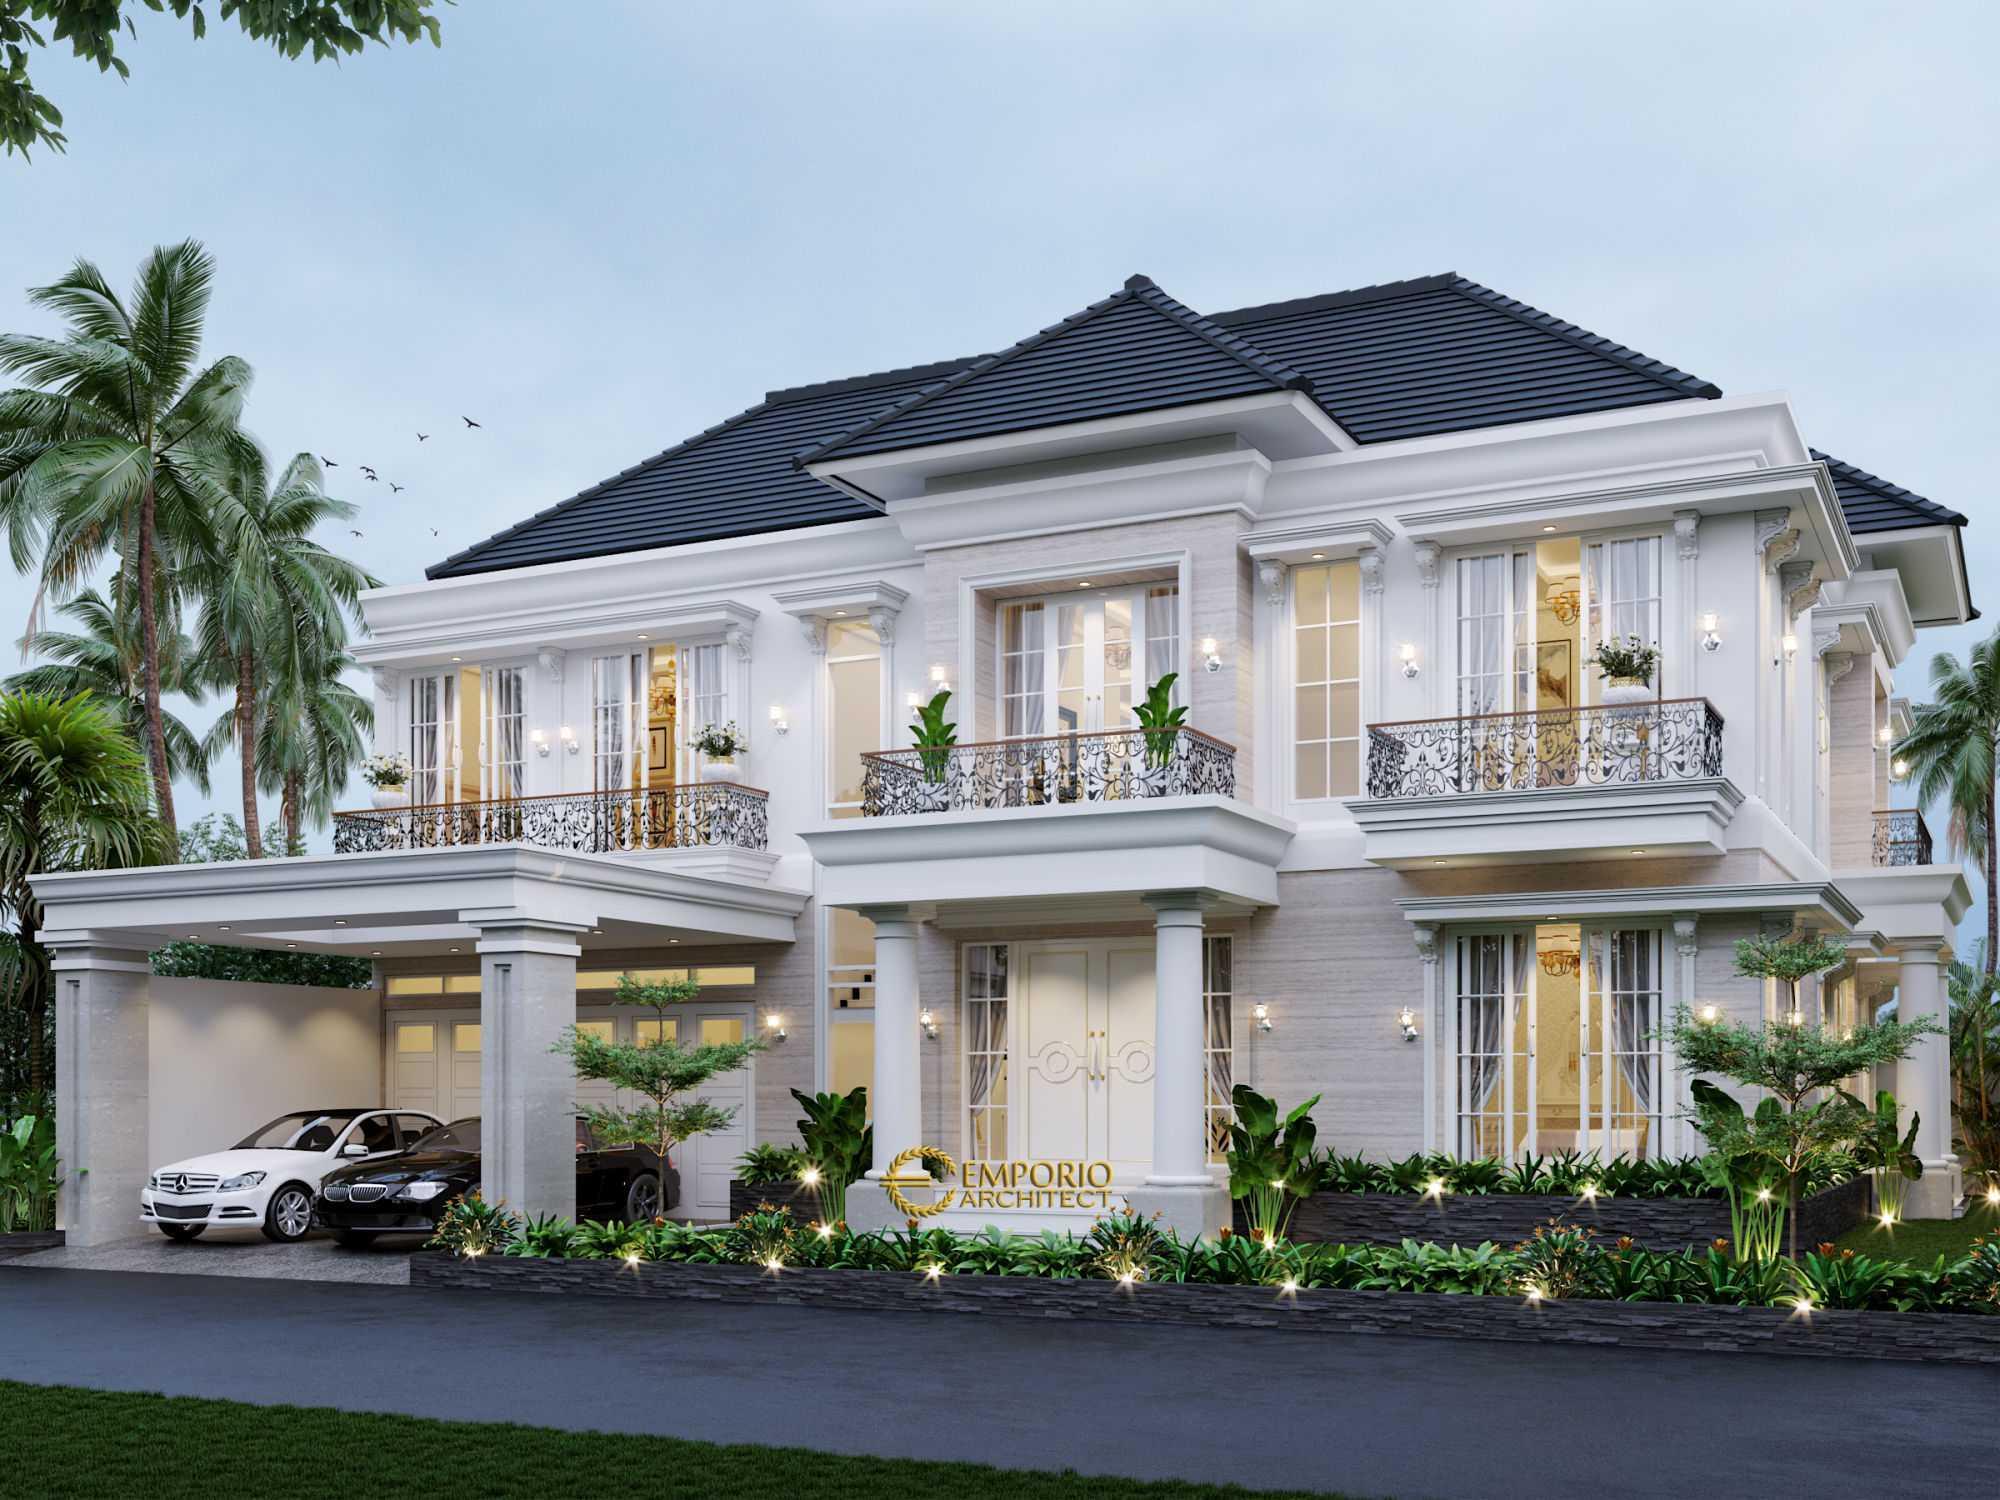 Jasa Arsitek Emporio Architect di Riau